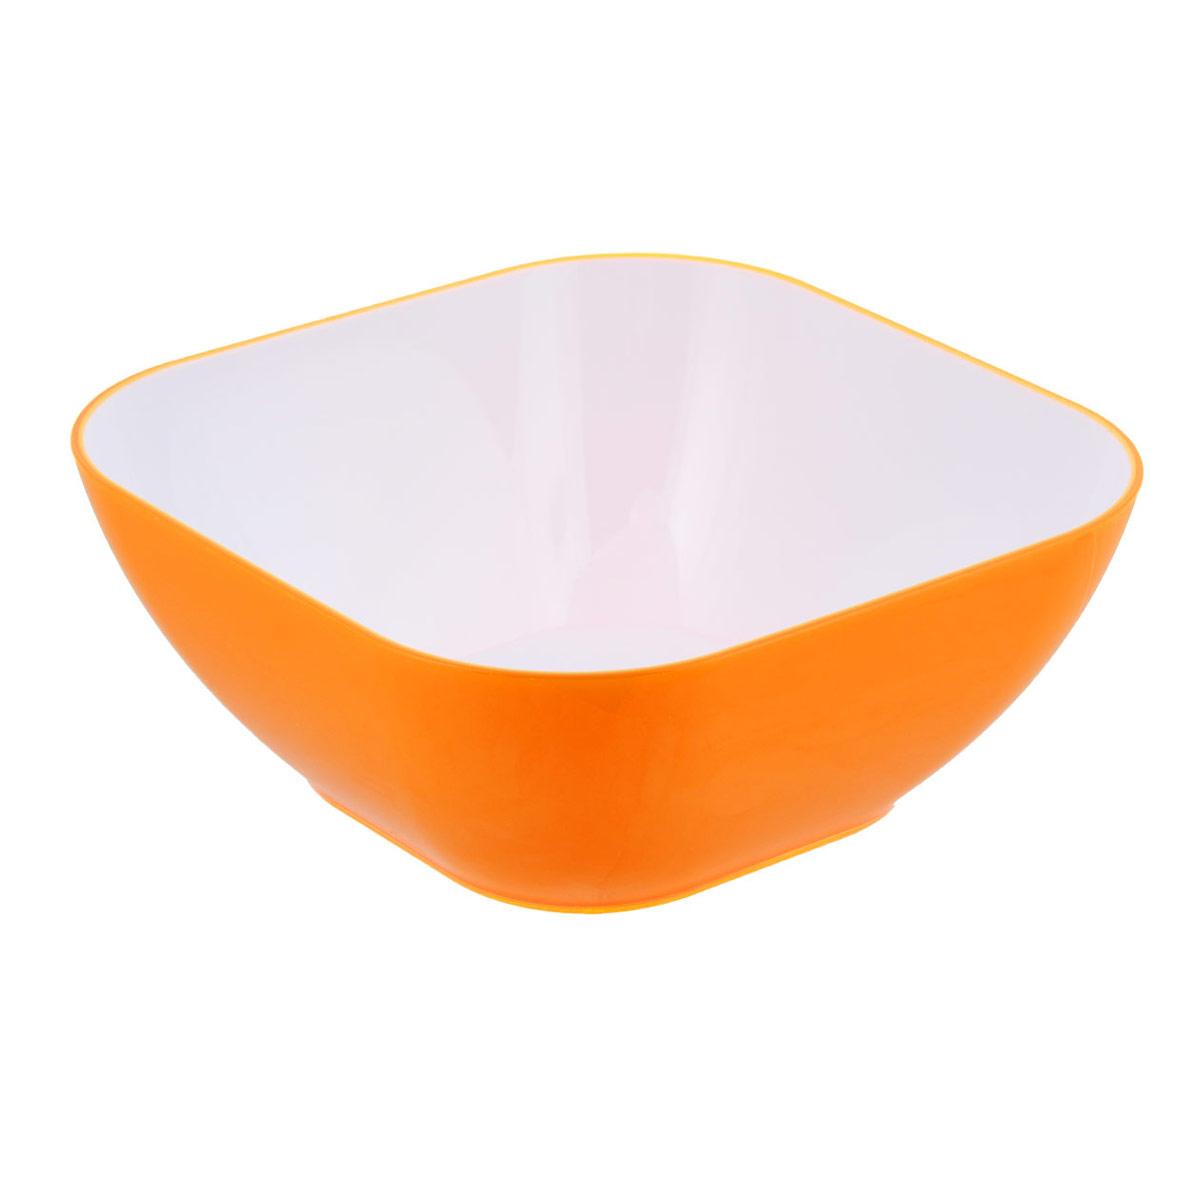 Пиала Bradex, цвет: оранжевый, 1,2 л54 009312Пиала Bradex выполнена из цветного пищевого пластика, устойчивого к действию уксуса, спирта и масел. Пиала прочная и стойкая к царапинам. Благодаря высококачественным материалам она не впитывает запахи и не изменяет вкусовые качества пищи. Идеально подходит как для домашнего использования, так и для пикников. Яркий салатник создаст веселое летнее настроение за вашим столом, будь то домашний обед или завтрак на природе. Пиала настолько легка в уходе, что не отнимет у вас ни секунды лишнего времени, отведенного на послеобеденный отдых.Стильный и функциональный дизайн, легко моется. Объем: 1,2 л.